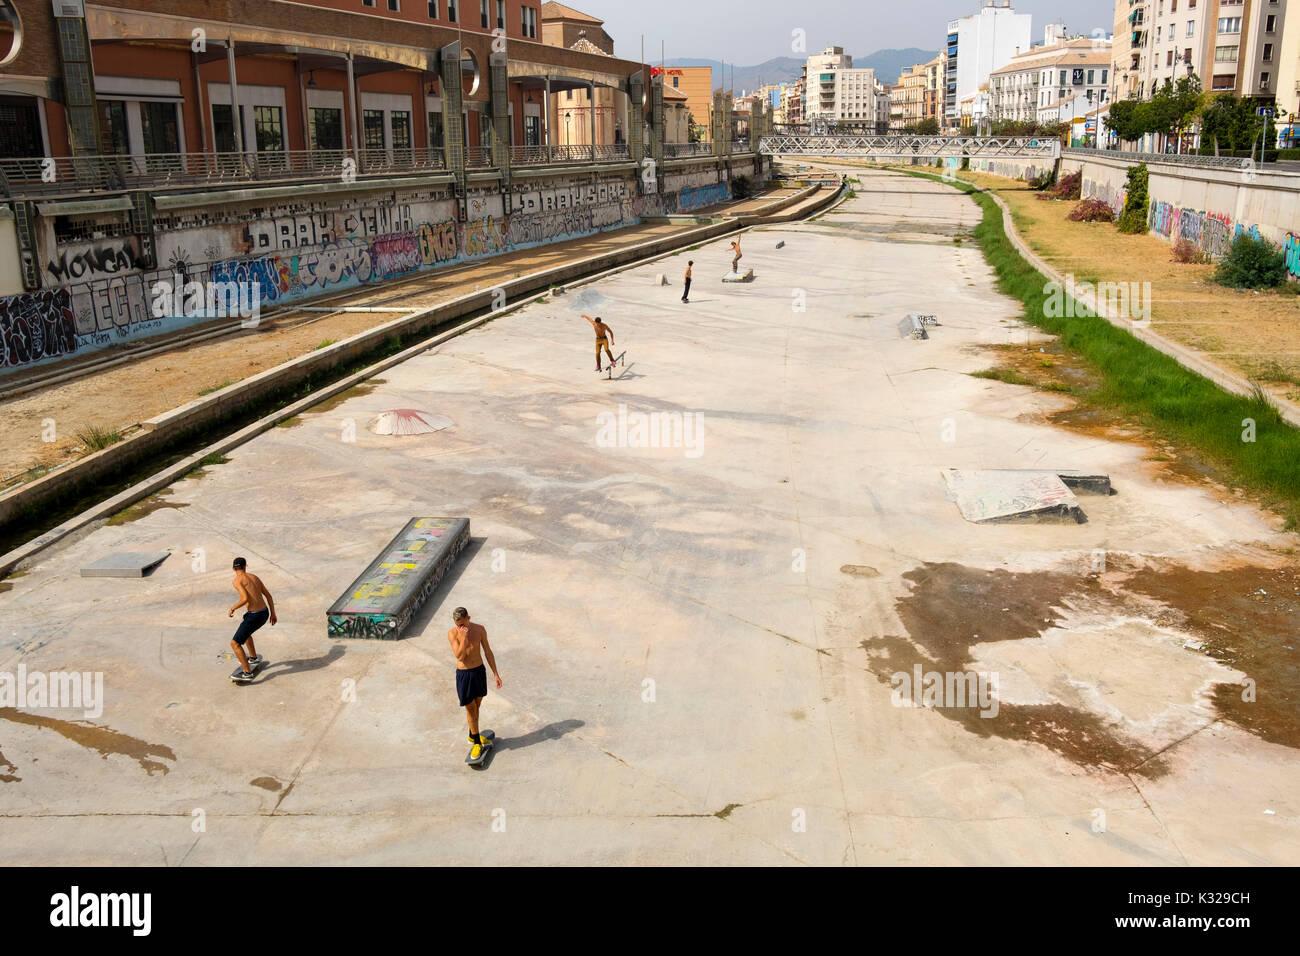 Skateboarders al fiume Guadalmedina canale, città di Malaga, Costa del Sol, Andalusia Spagna meridionale, Europa Immagini Stock